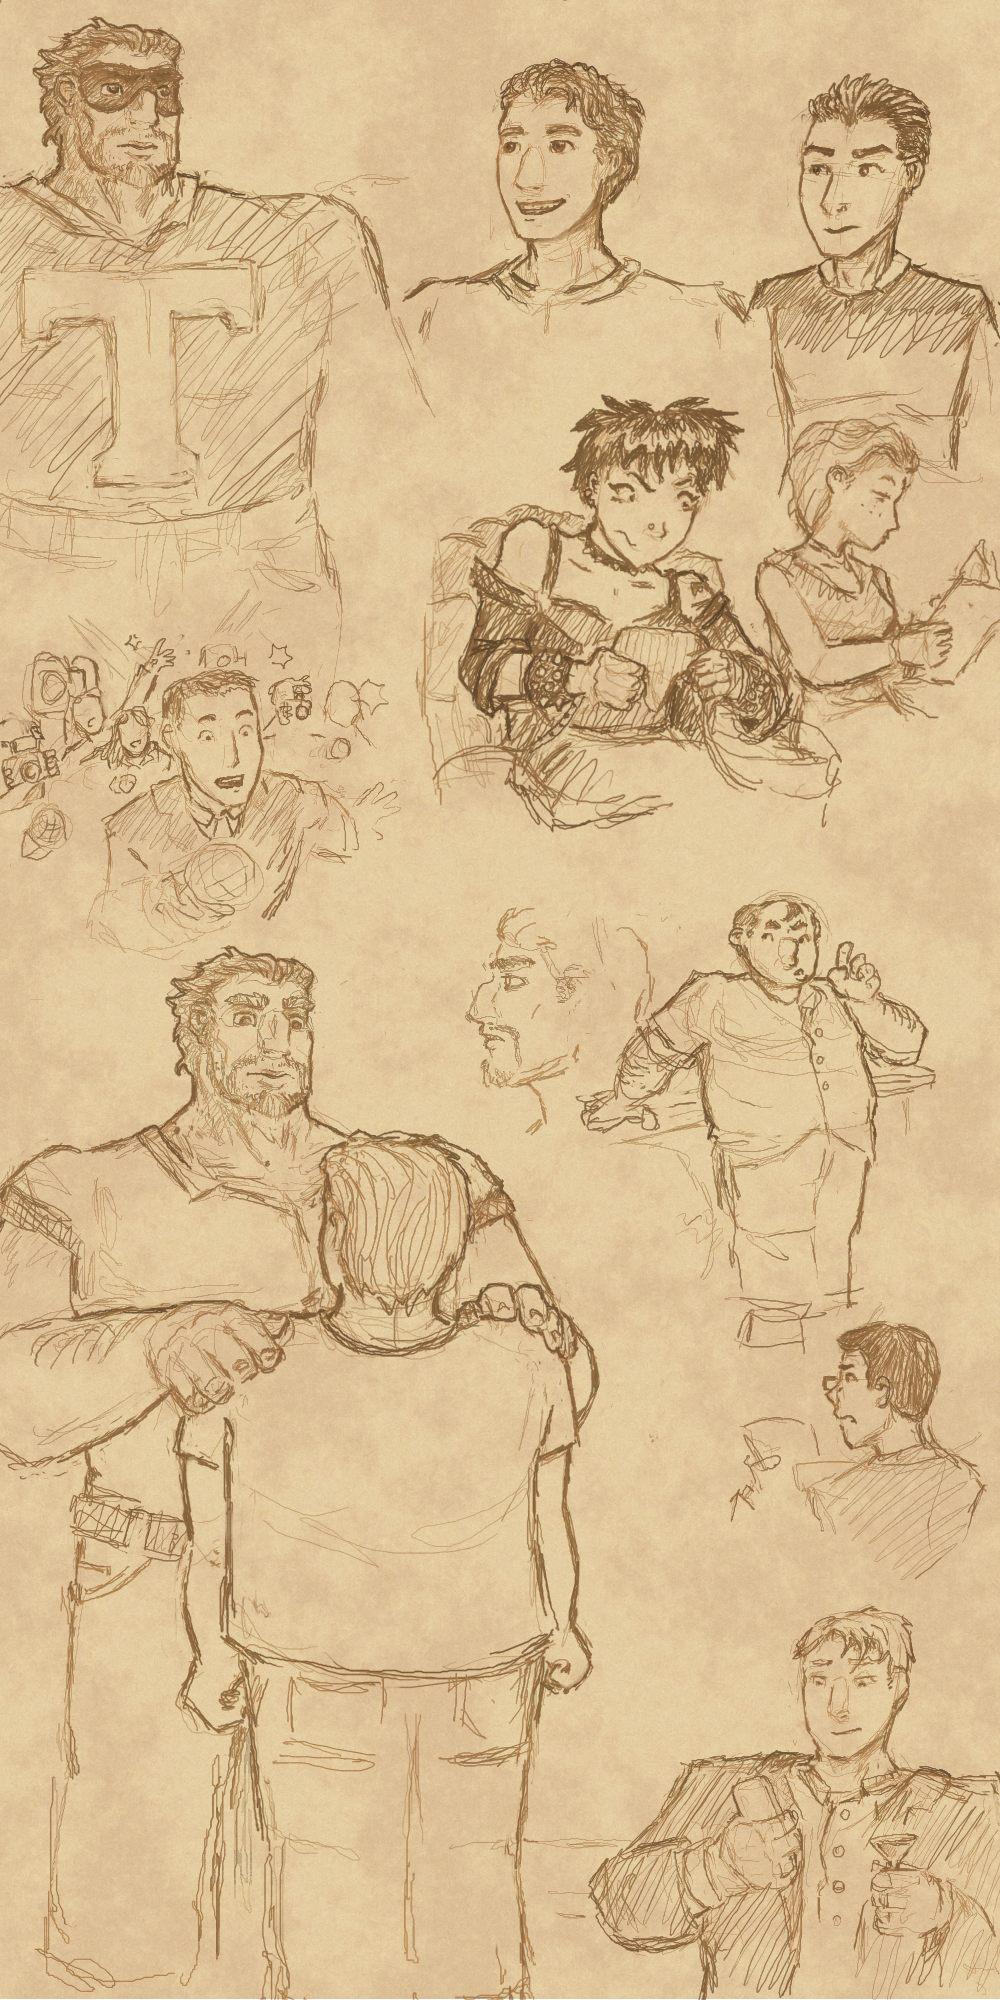 Fanart: Titan, from Drew Hayes' Corpies by Elyandarin